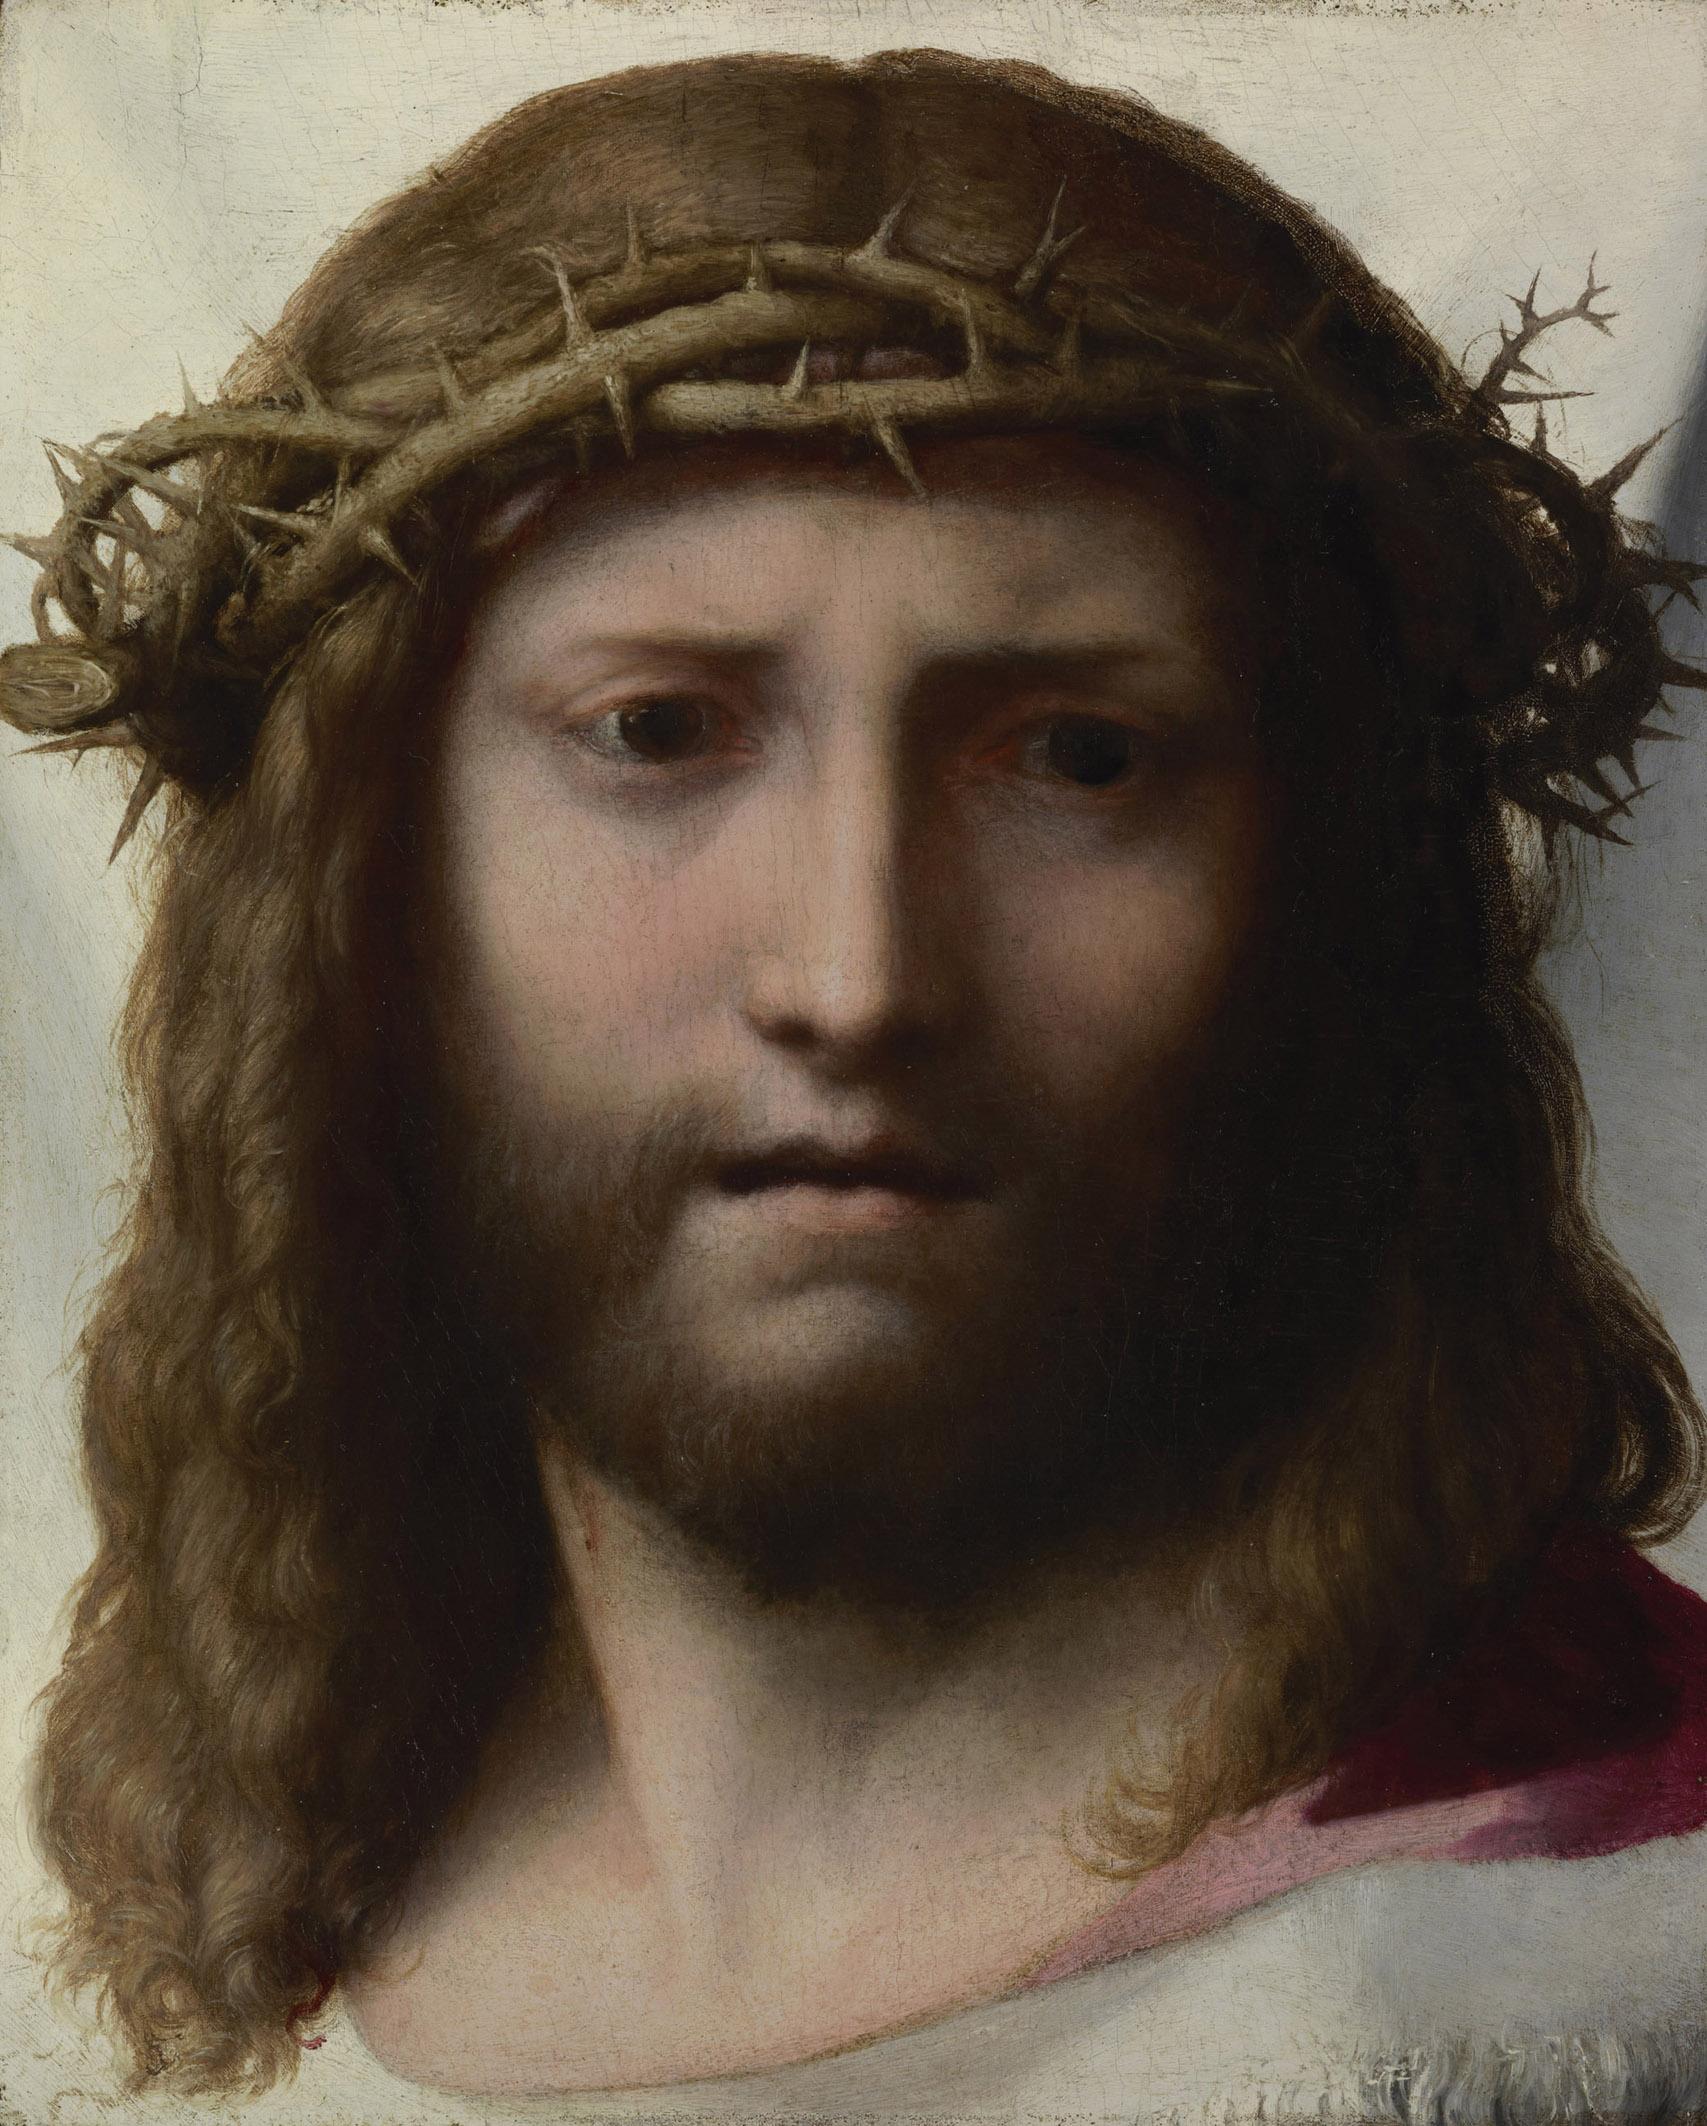 Correggio (Antonio Allegri) Volto di Cristo olio su tavola 28.6 x 23.5 cm. Los Angeles, J. Paul Getty Museum